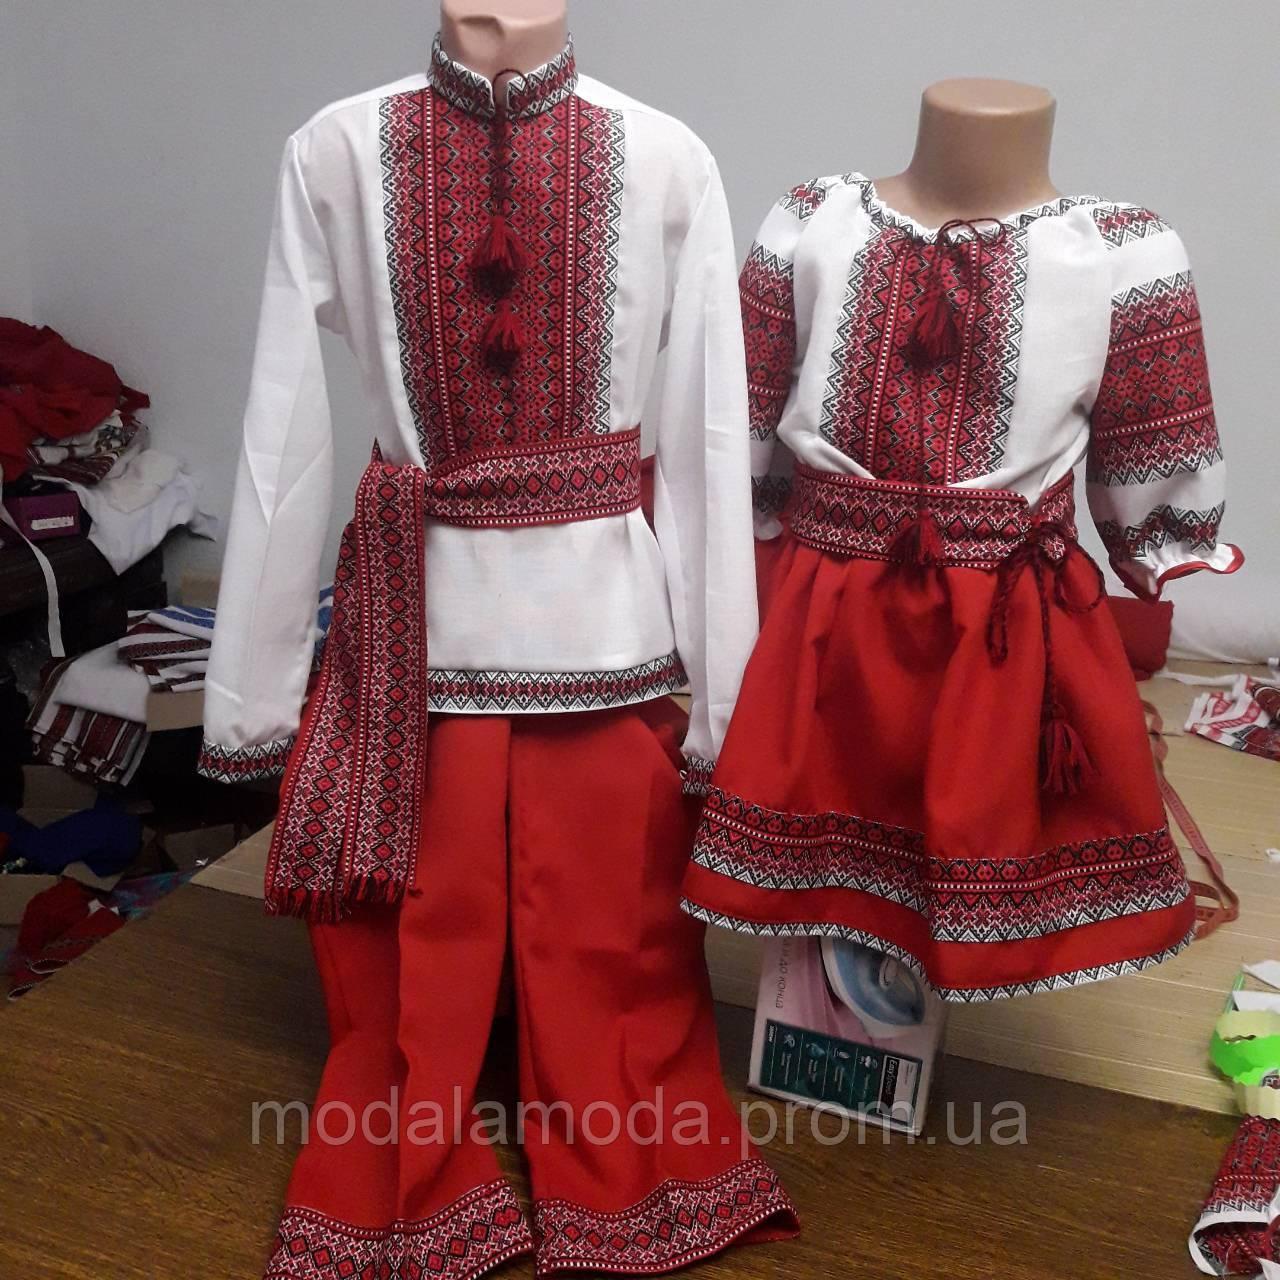 Костюм вышитый для девочки с украинским орнаментом